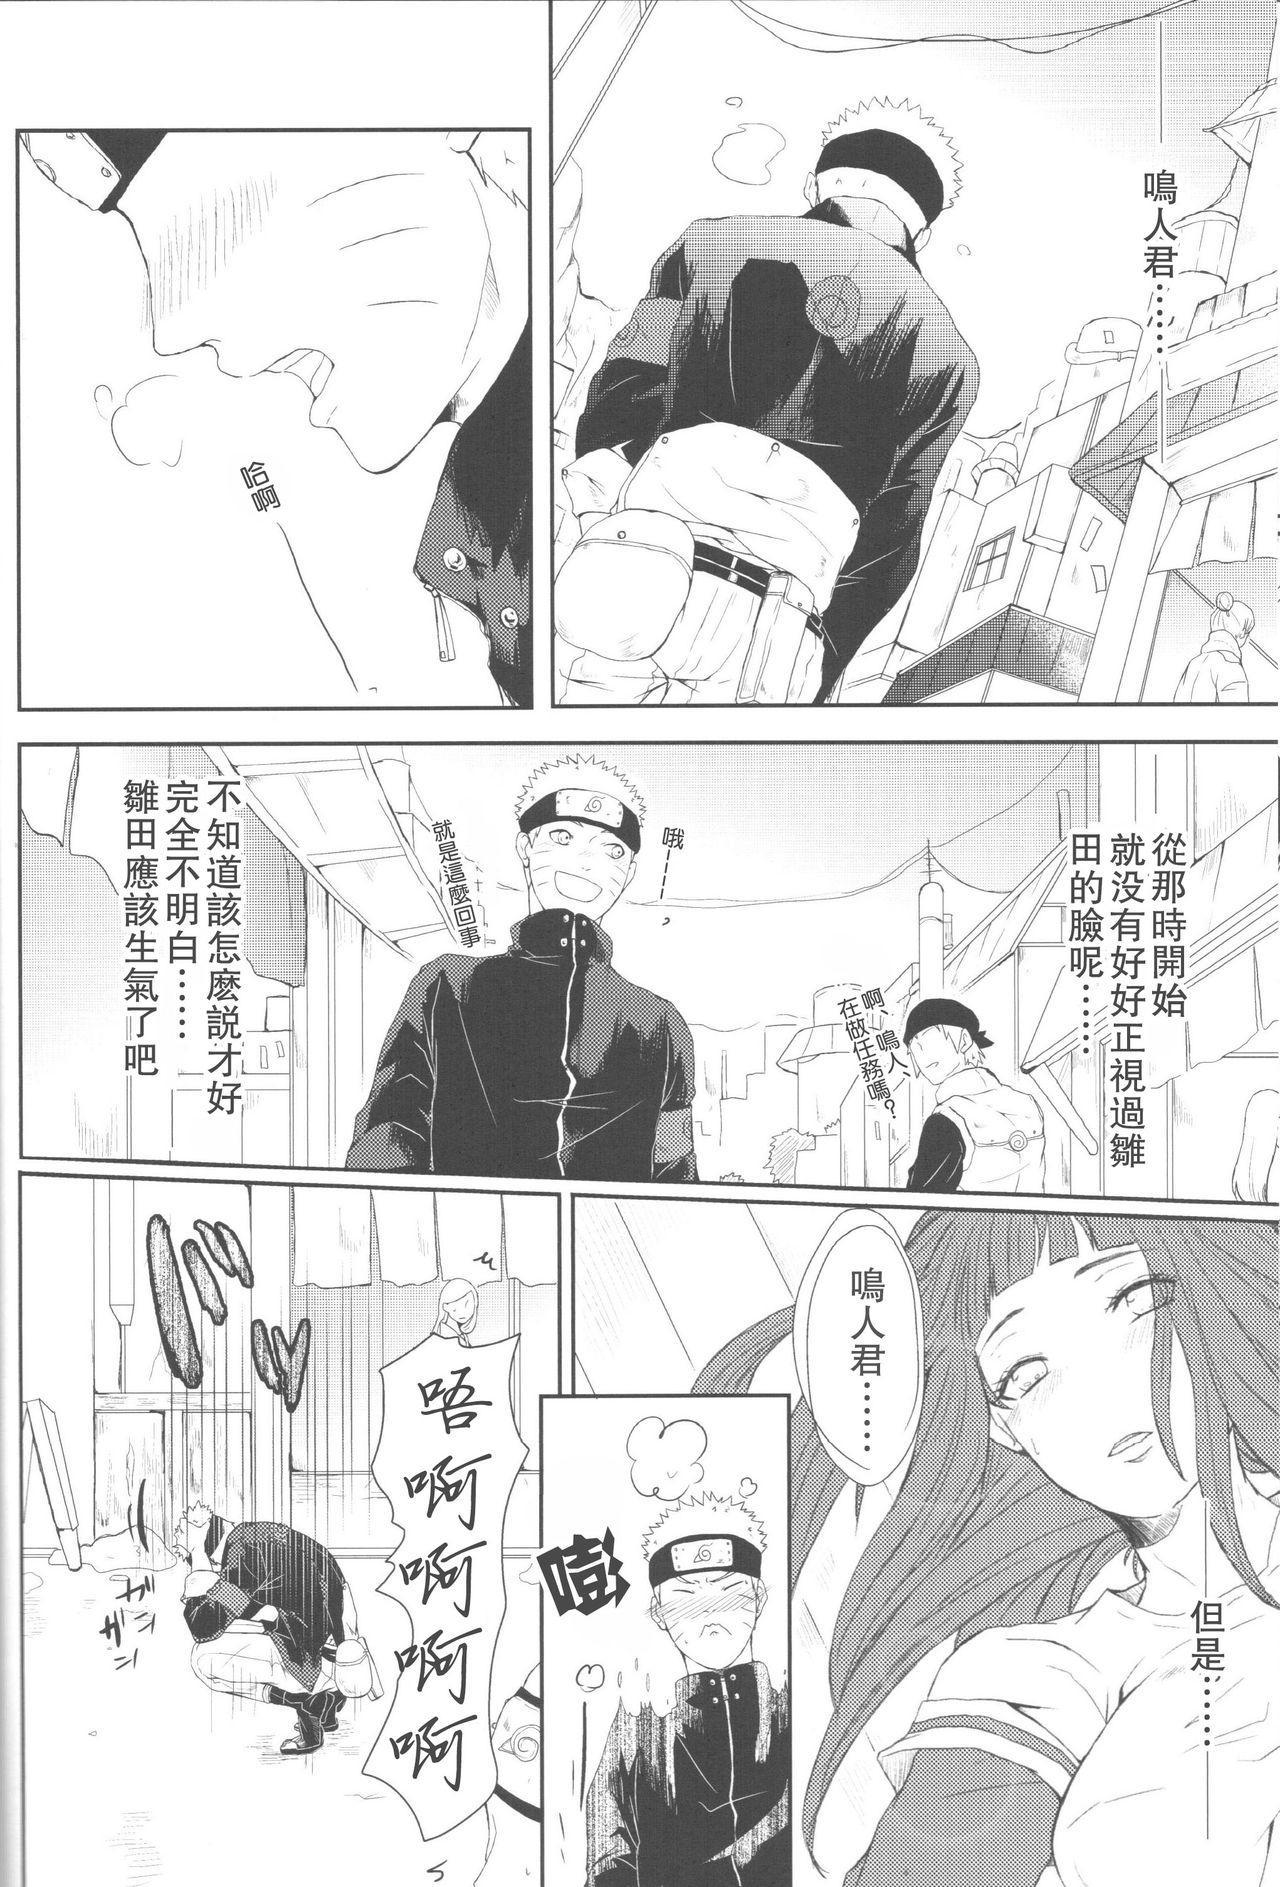 Watashi No Hajimete 13